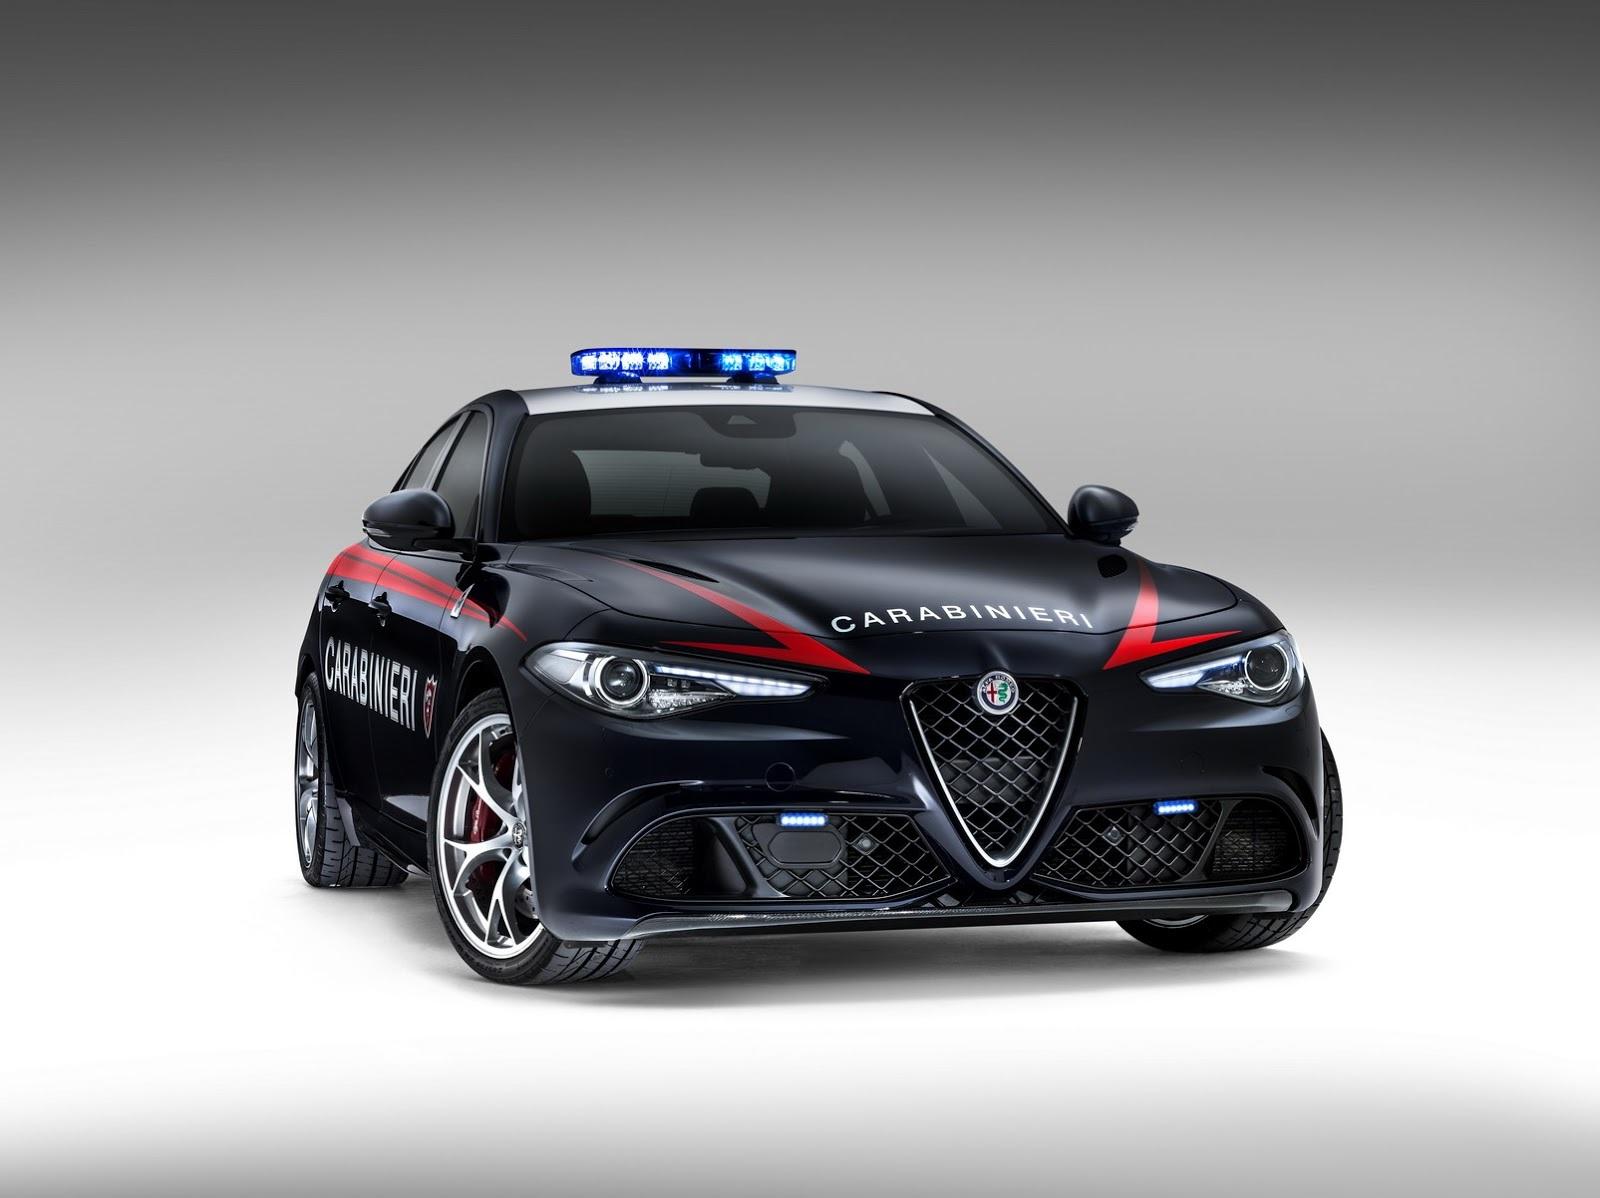 Foto de Alfa Romeo Giulia QV Carabinieri (1/32)